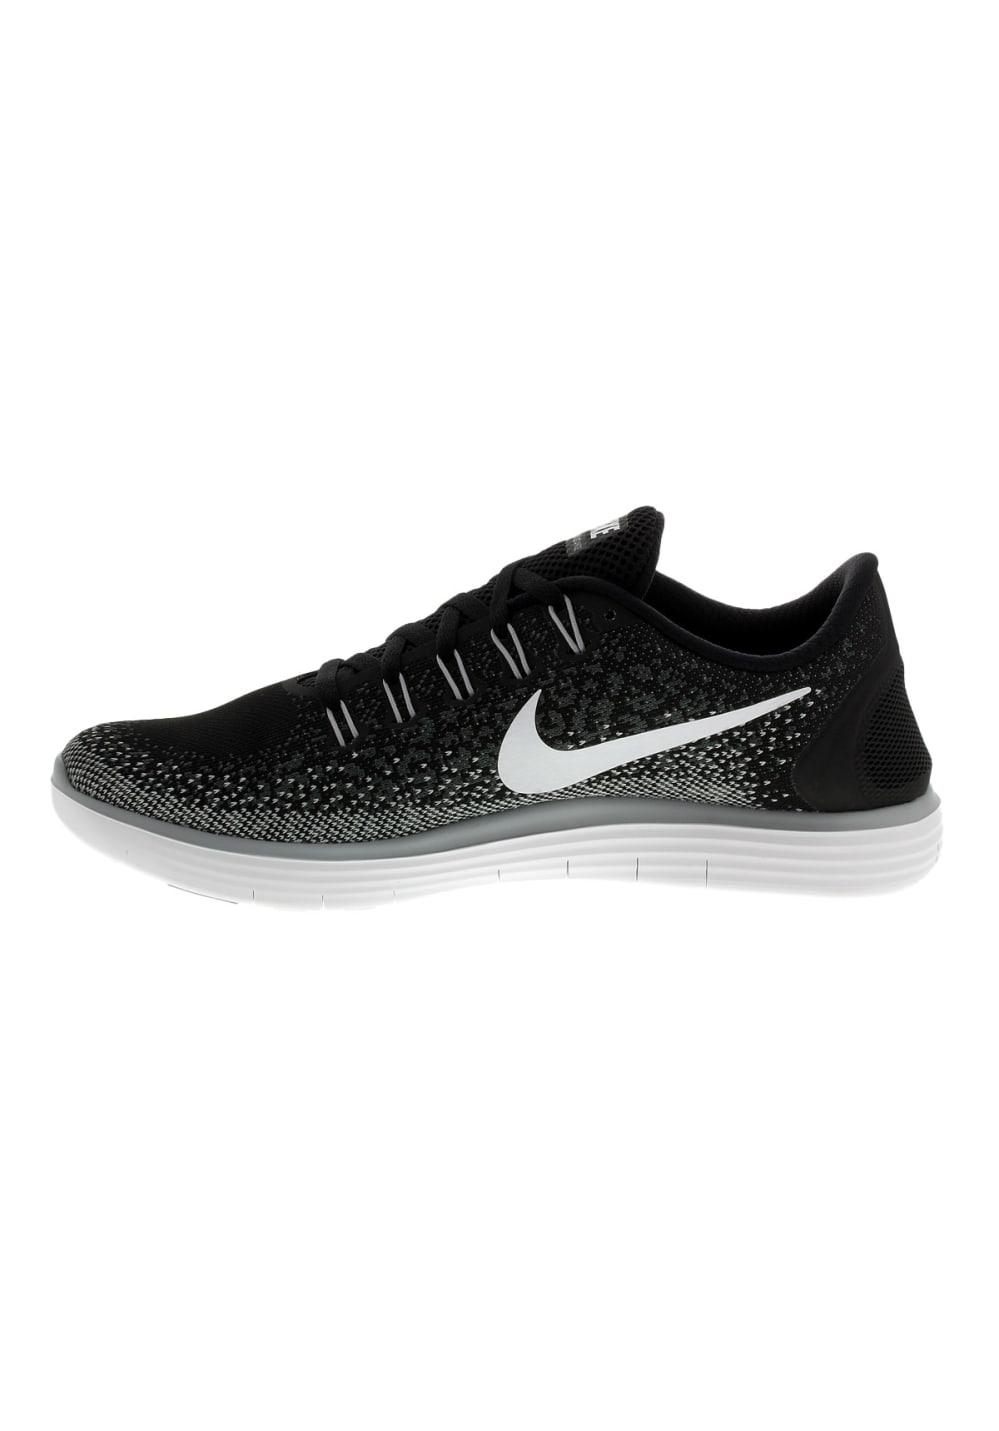 6d7cb9de147 Next. -70%. Nike. Free Run Distance - Running shoes for Women. Regular  Price  ...